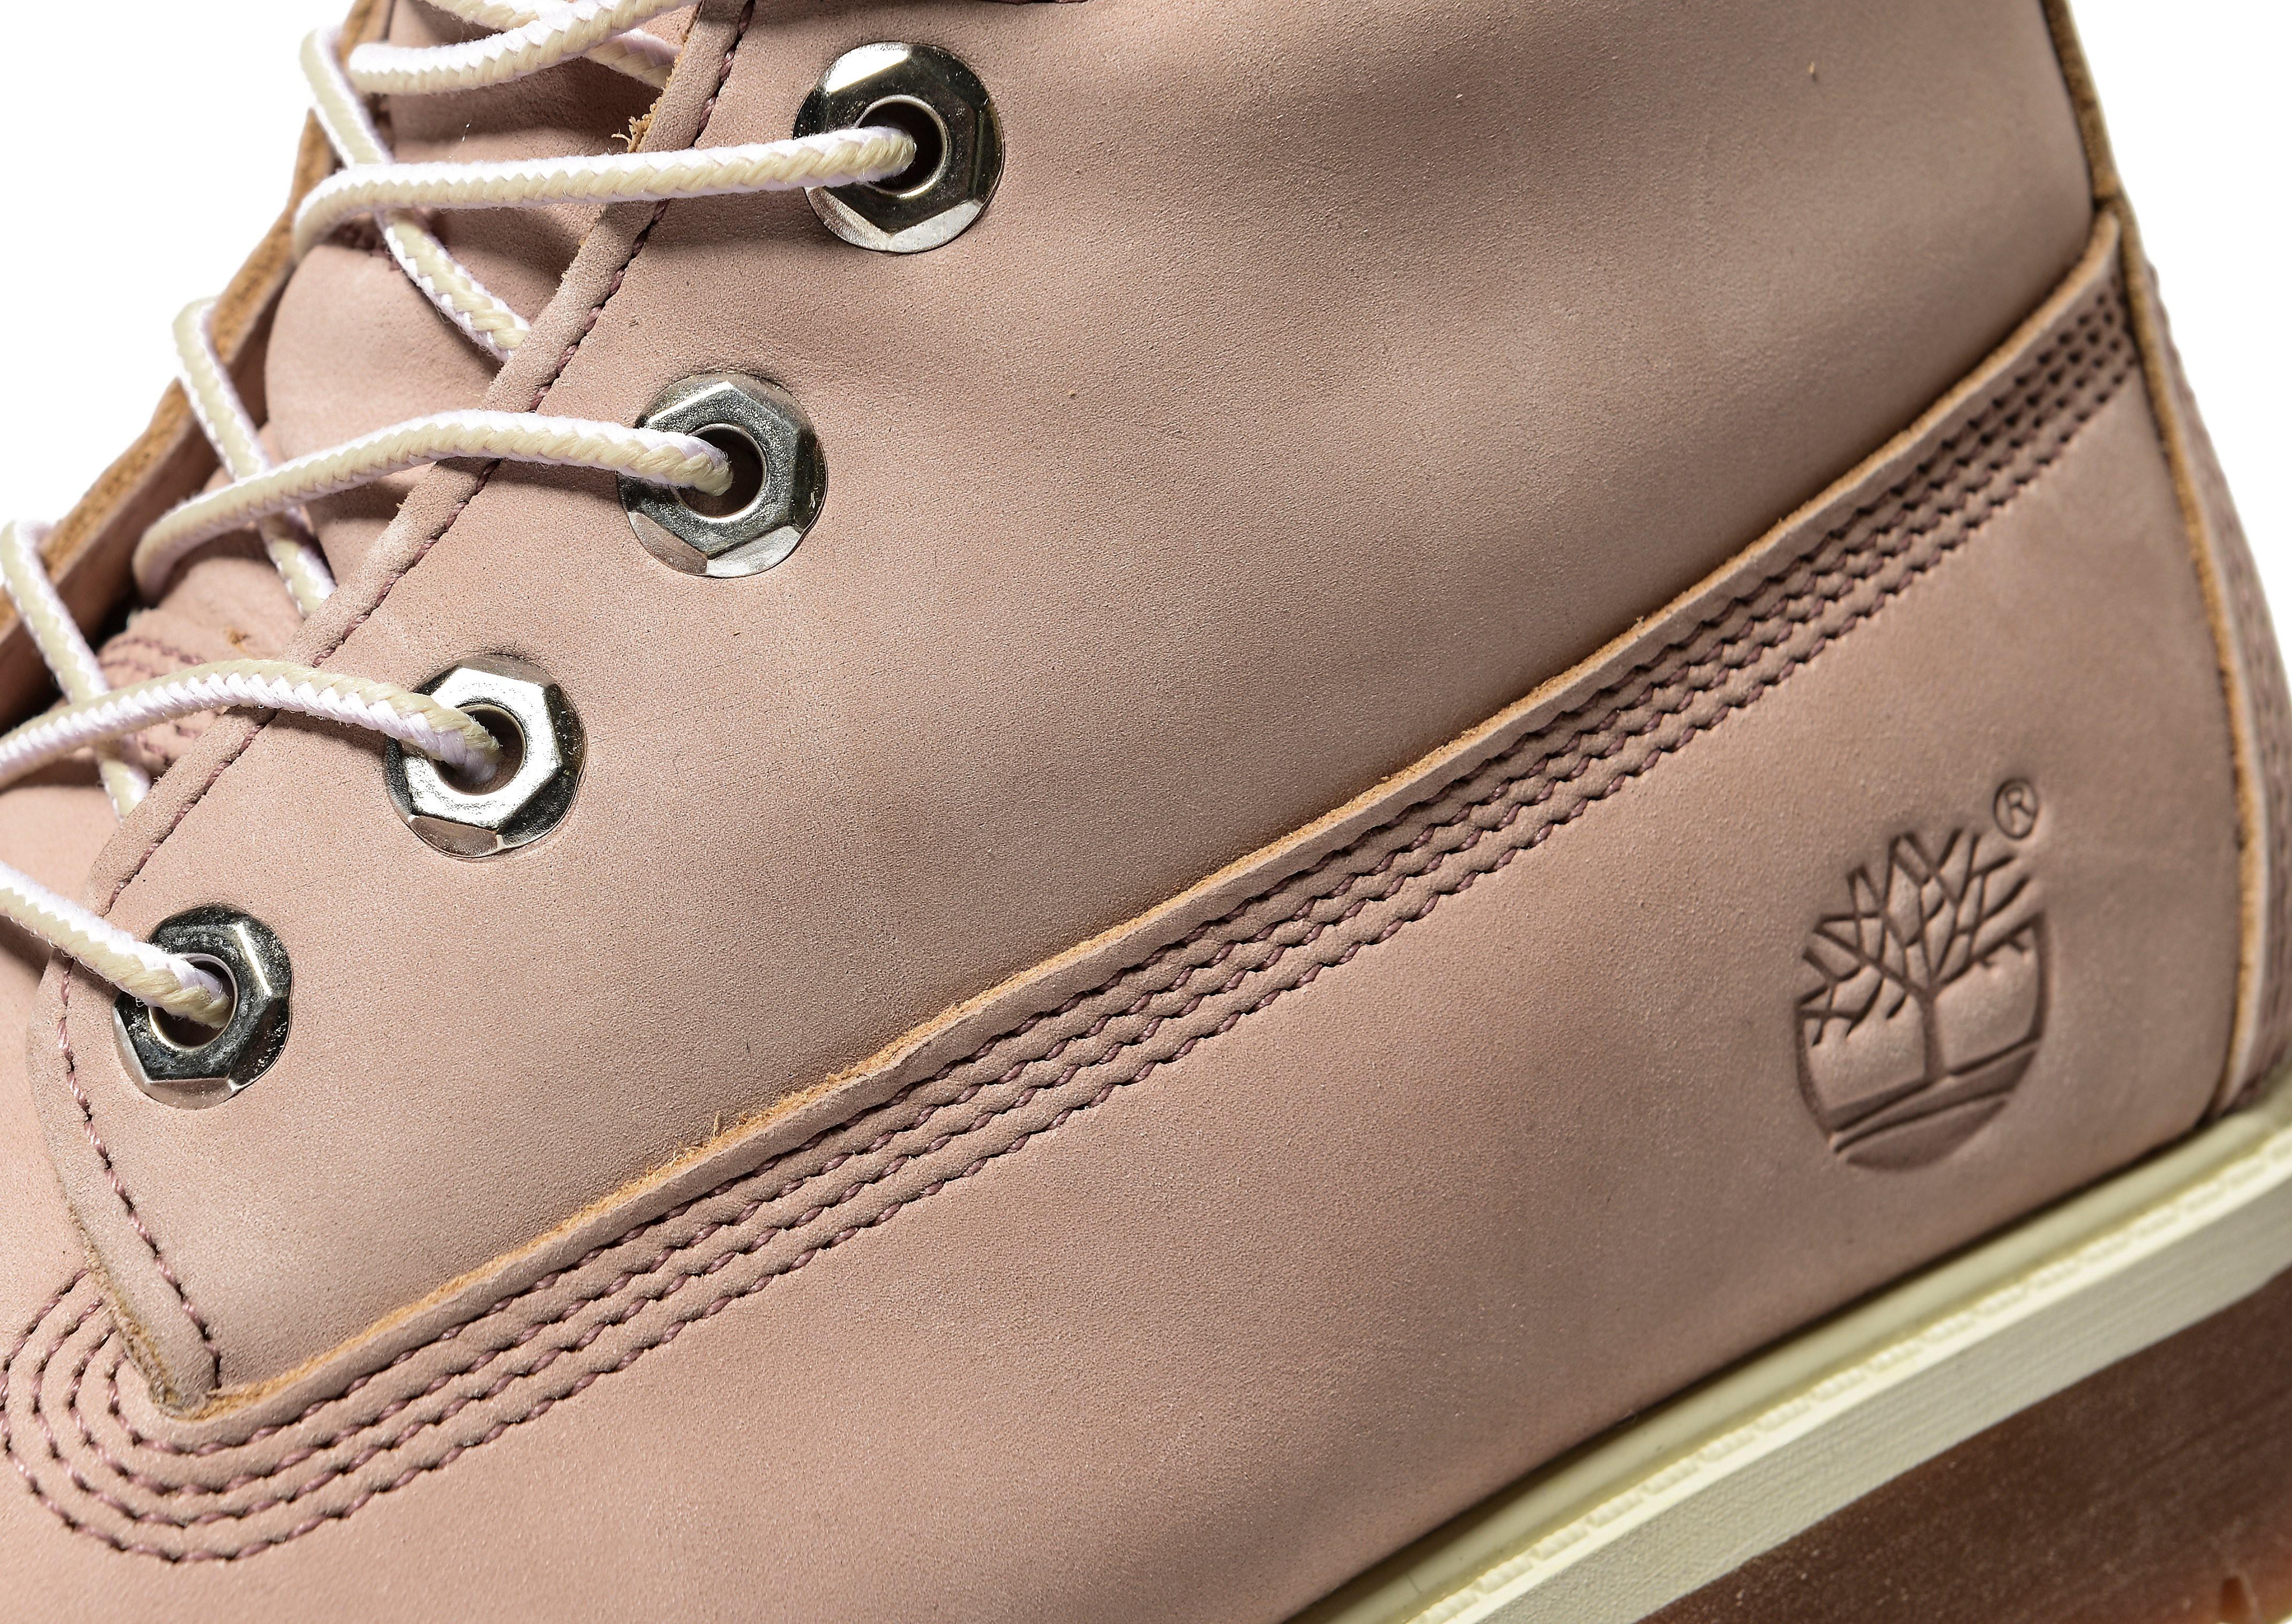 Timberland botas Premium 6-Inch júnior